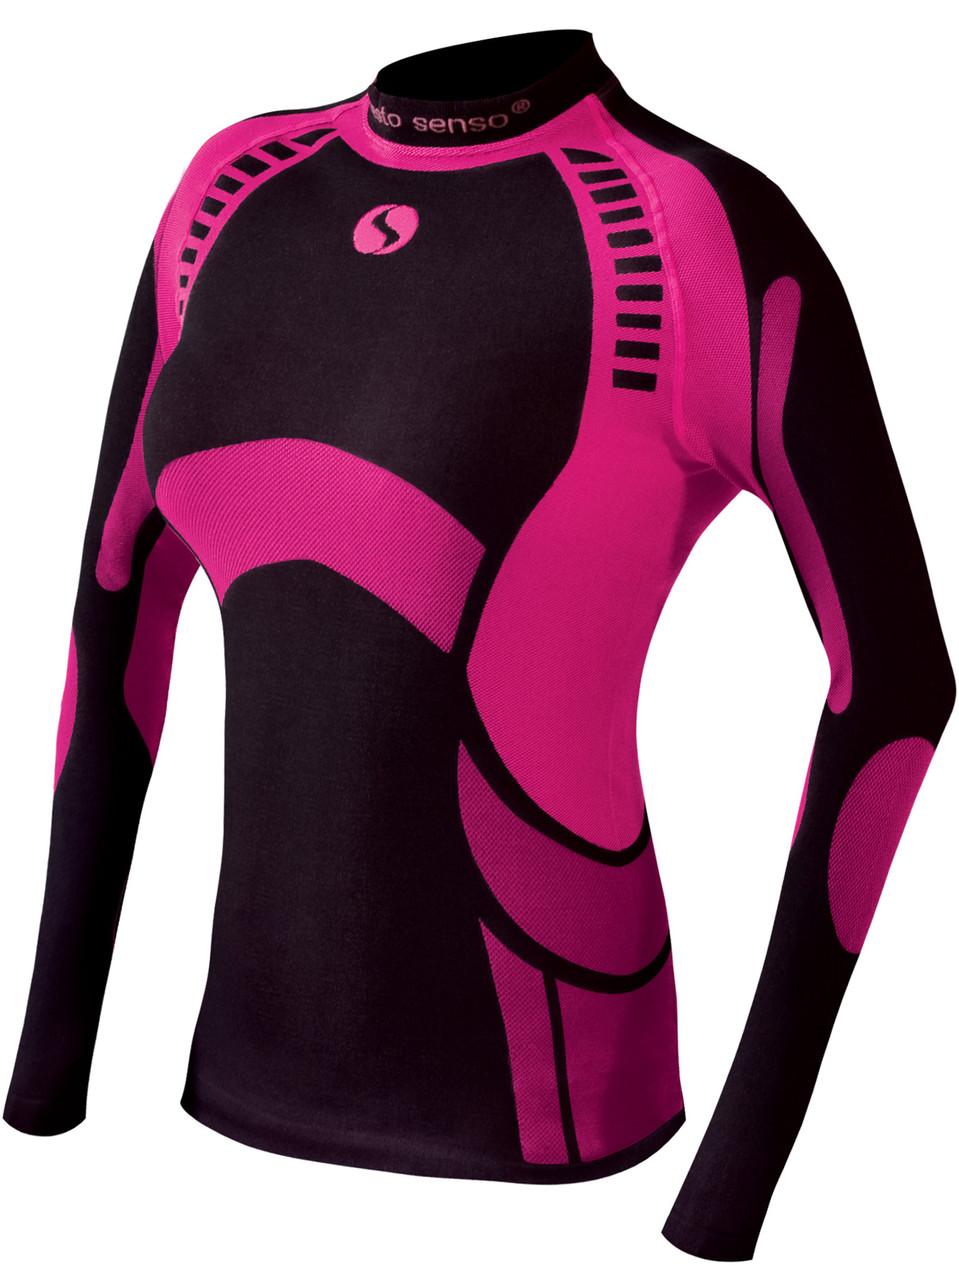 Женская спортивная термокофта (M-XL в расцветках)